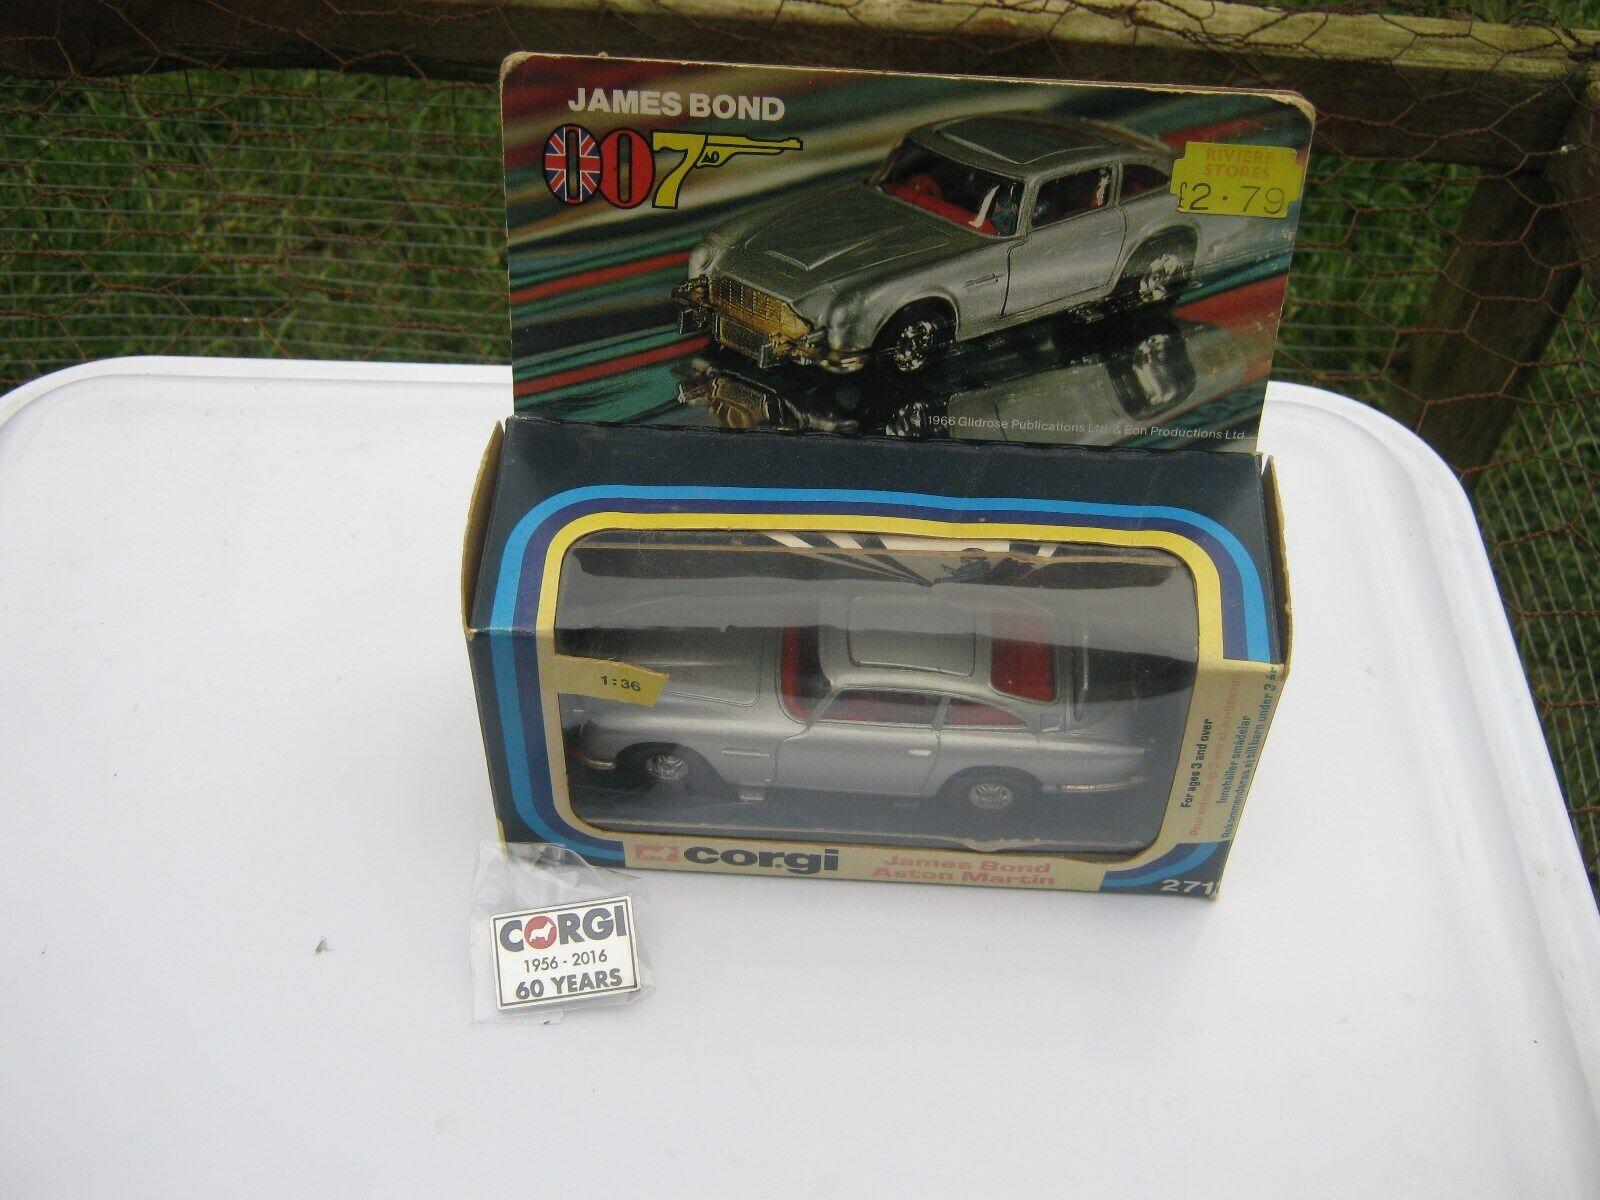 CORGI 271 James Bond Aston Martin NICE  ORIGINAL VOITURE en Âge porté boîte d'origine  pas cher et de haute qualité